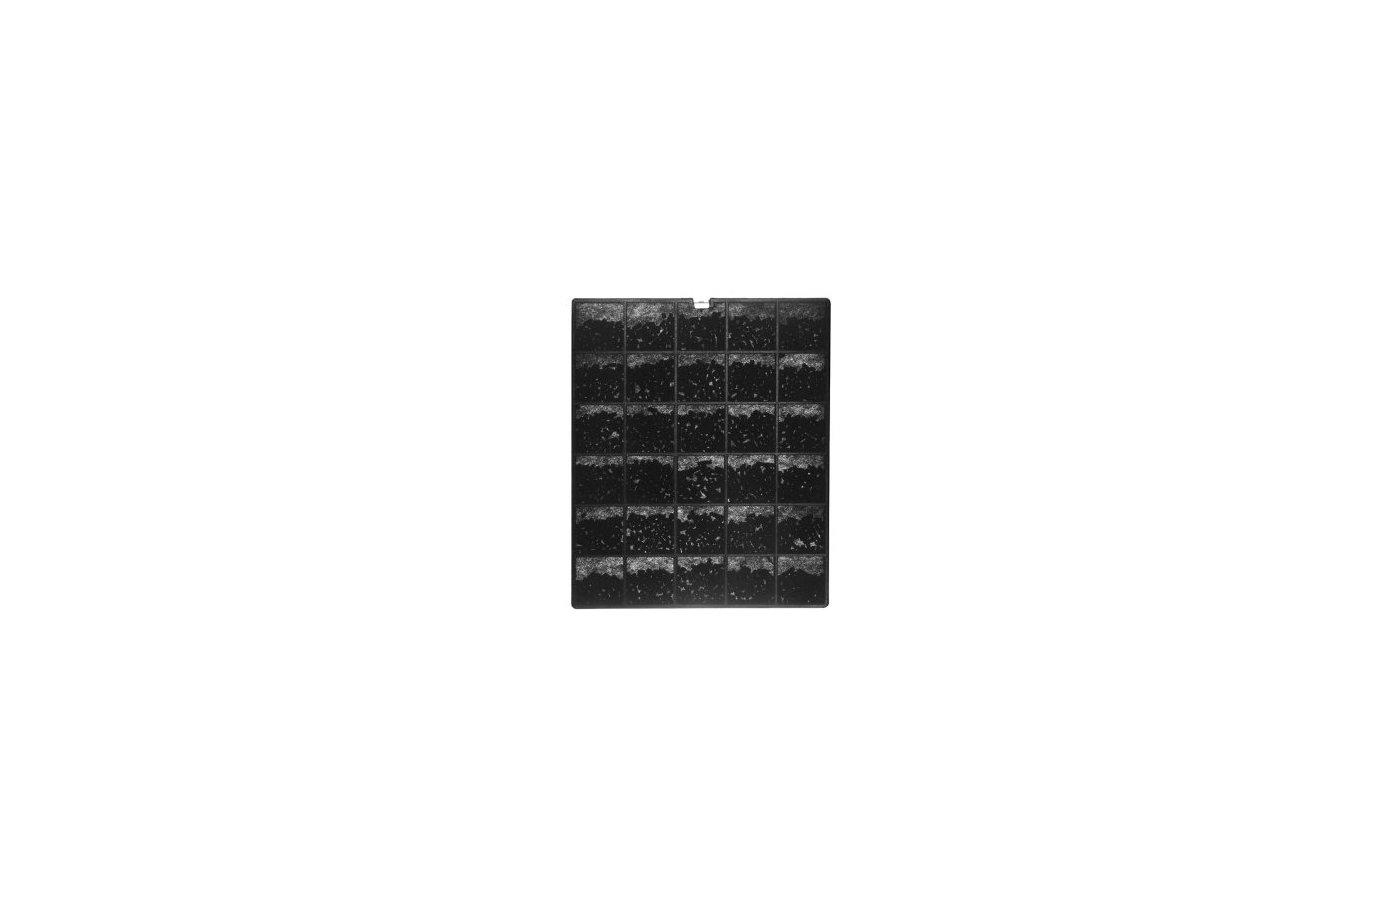 Фильтры для воздухоочистителей SHINDO фильтр угольный тип S.C.RF.02.05 (для вытяжек Columba 600/900 inox/glass Vega 600/900 inox/)